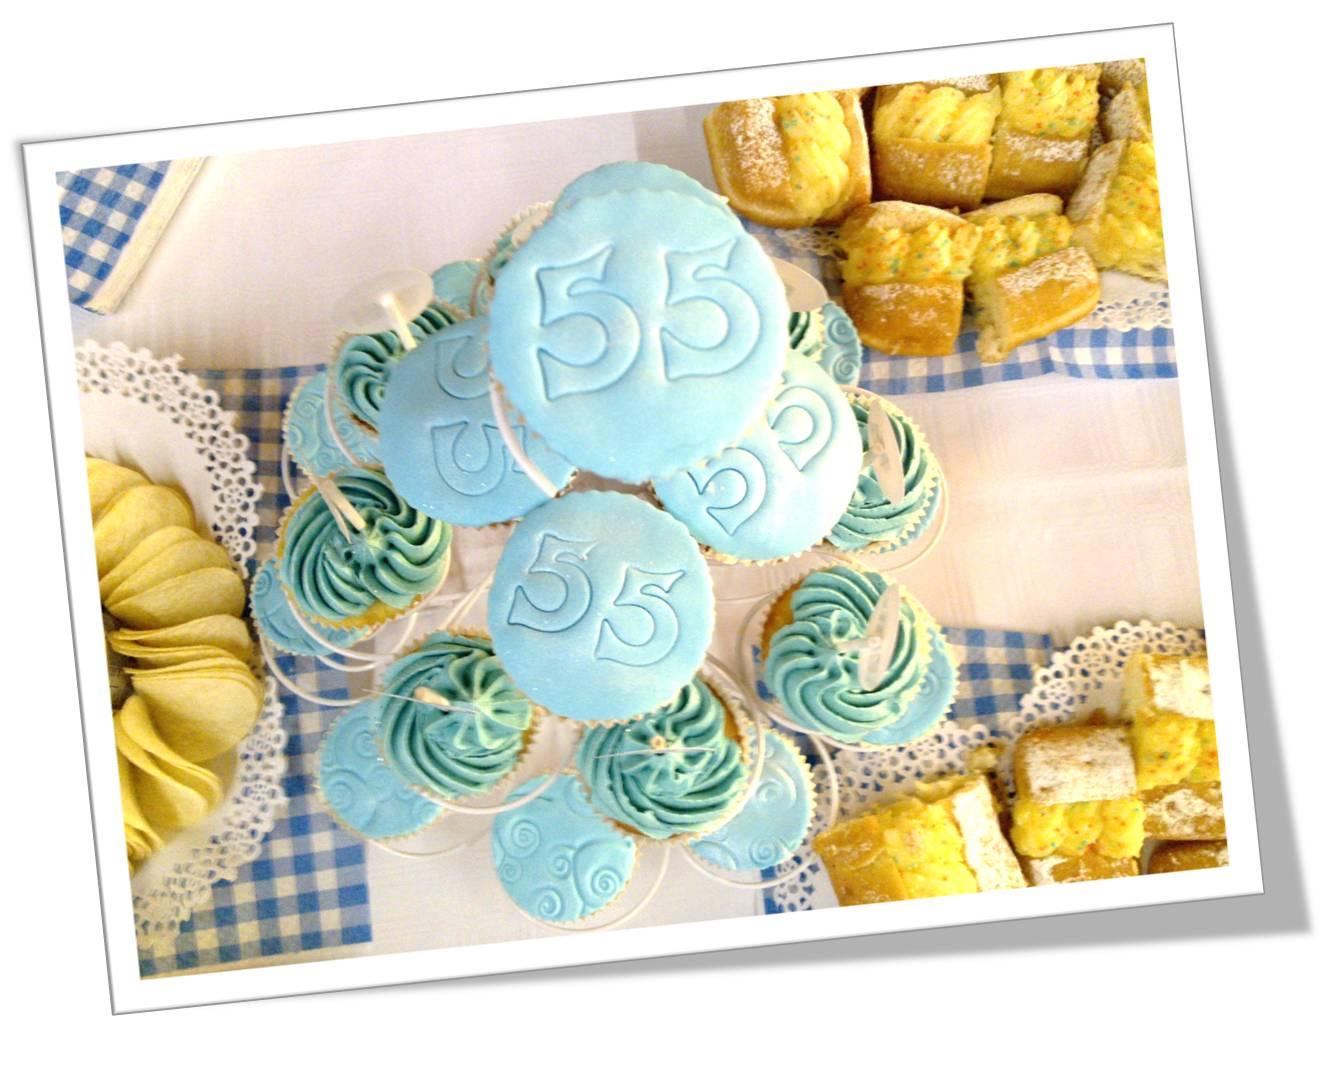 http://3.bp.blogspot.com/_KBoWXnUf4eU/TAvk8xg2JaI/AAAAAAAABUY/vZw5bvKLHk0/s1600/blue1.jpg